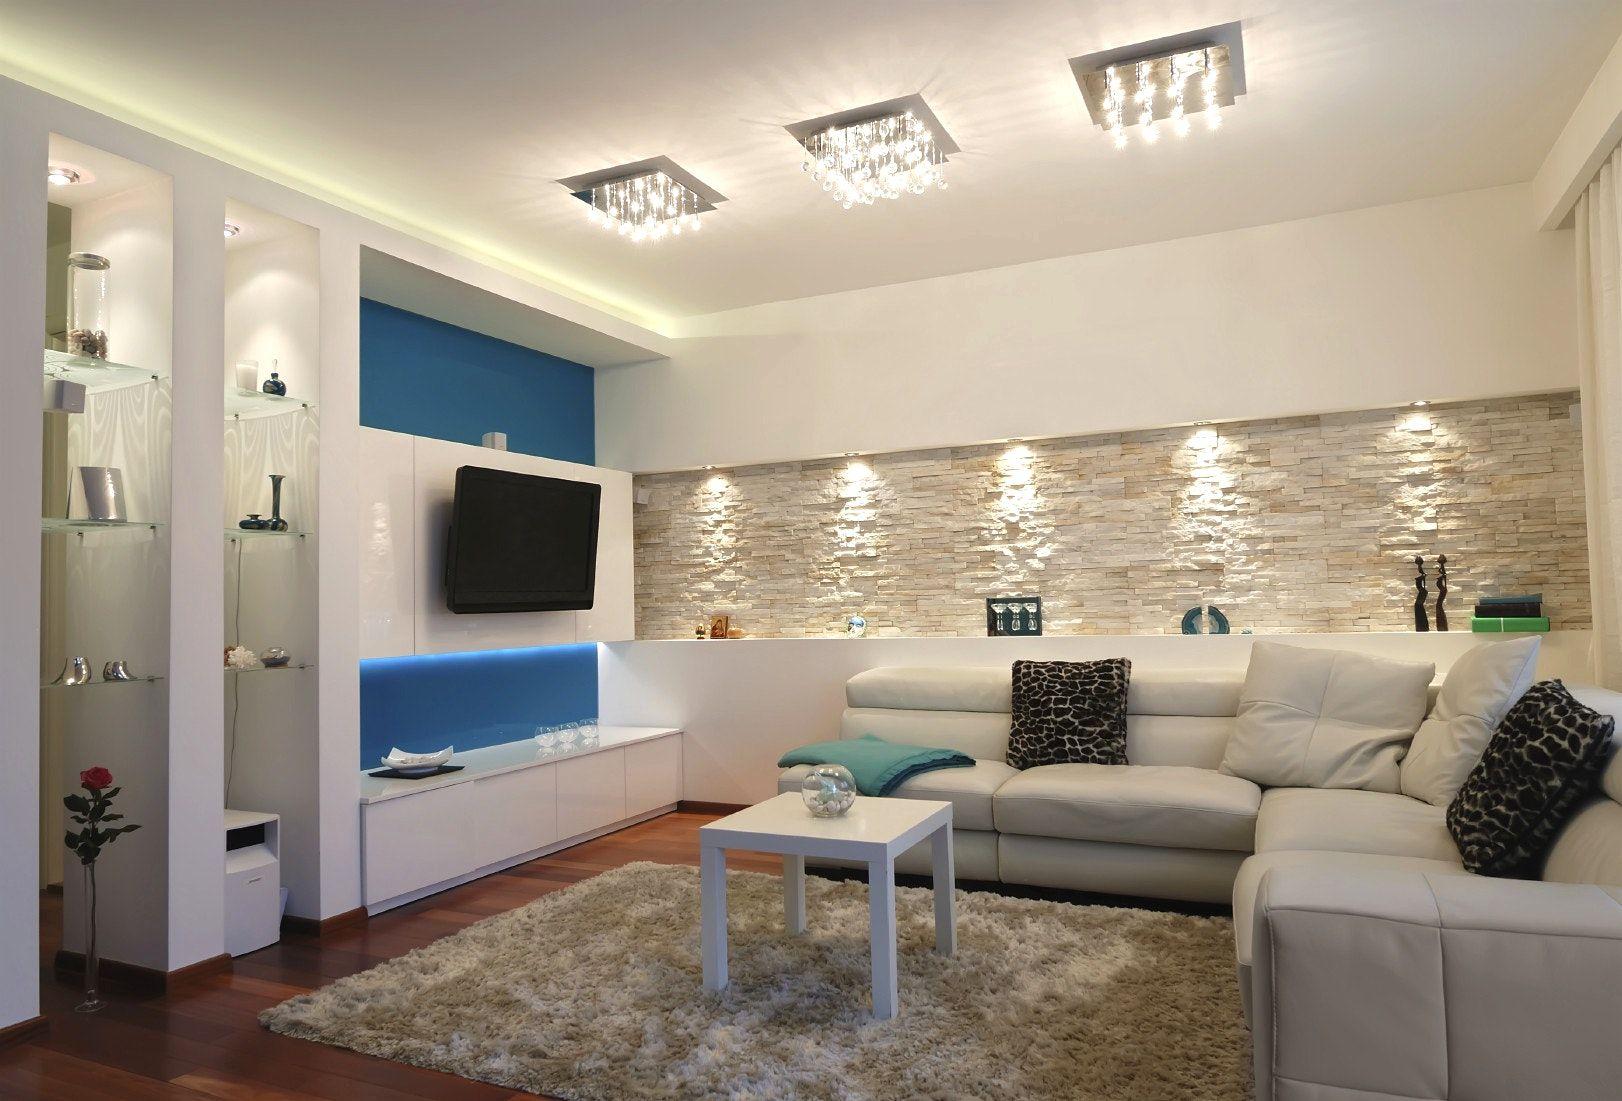 Wohnzimmer Design Tipps | Welcher Kamin Für Das Wohnzimmer Zuhause ...